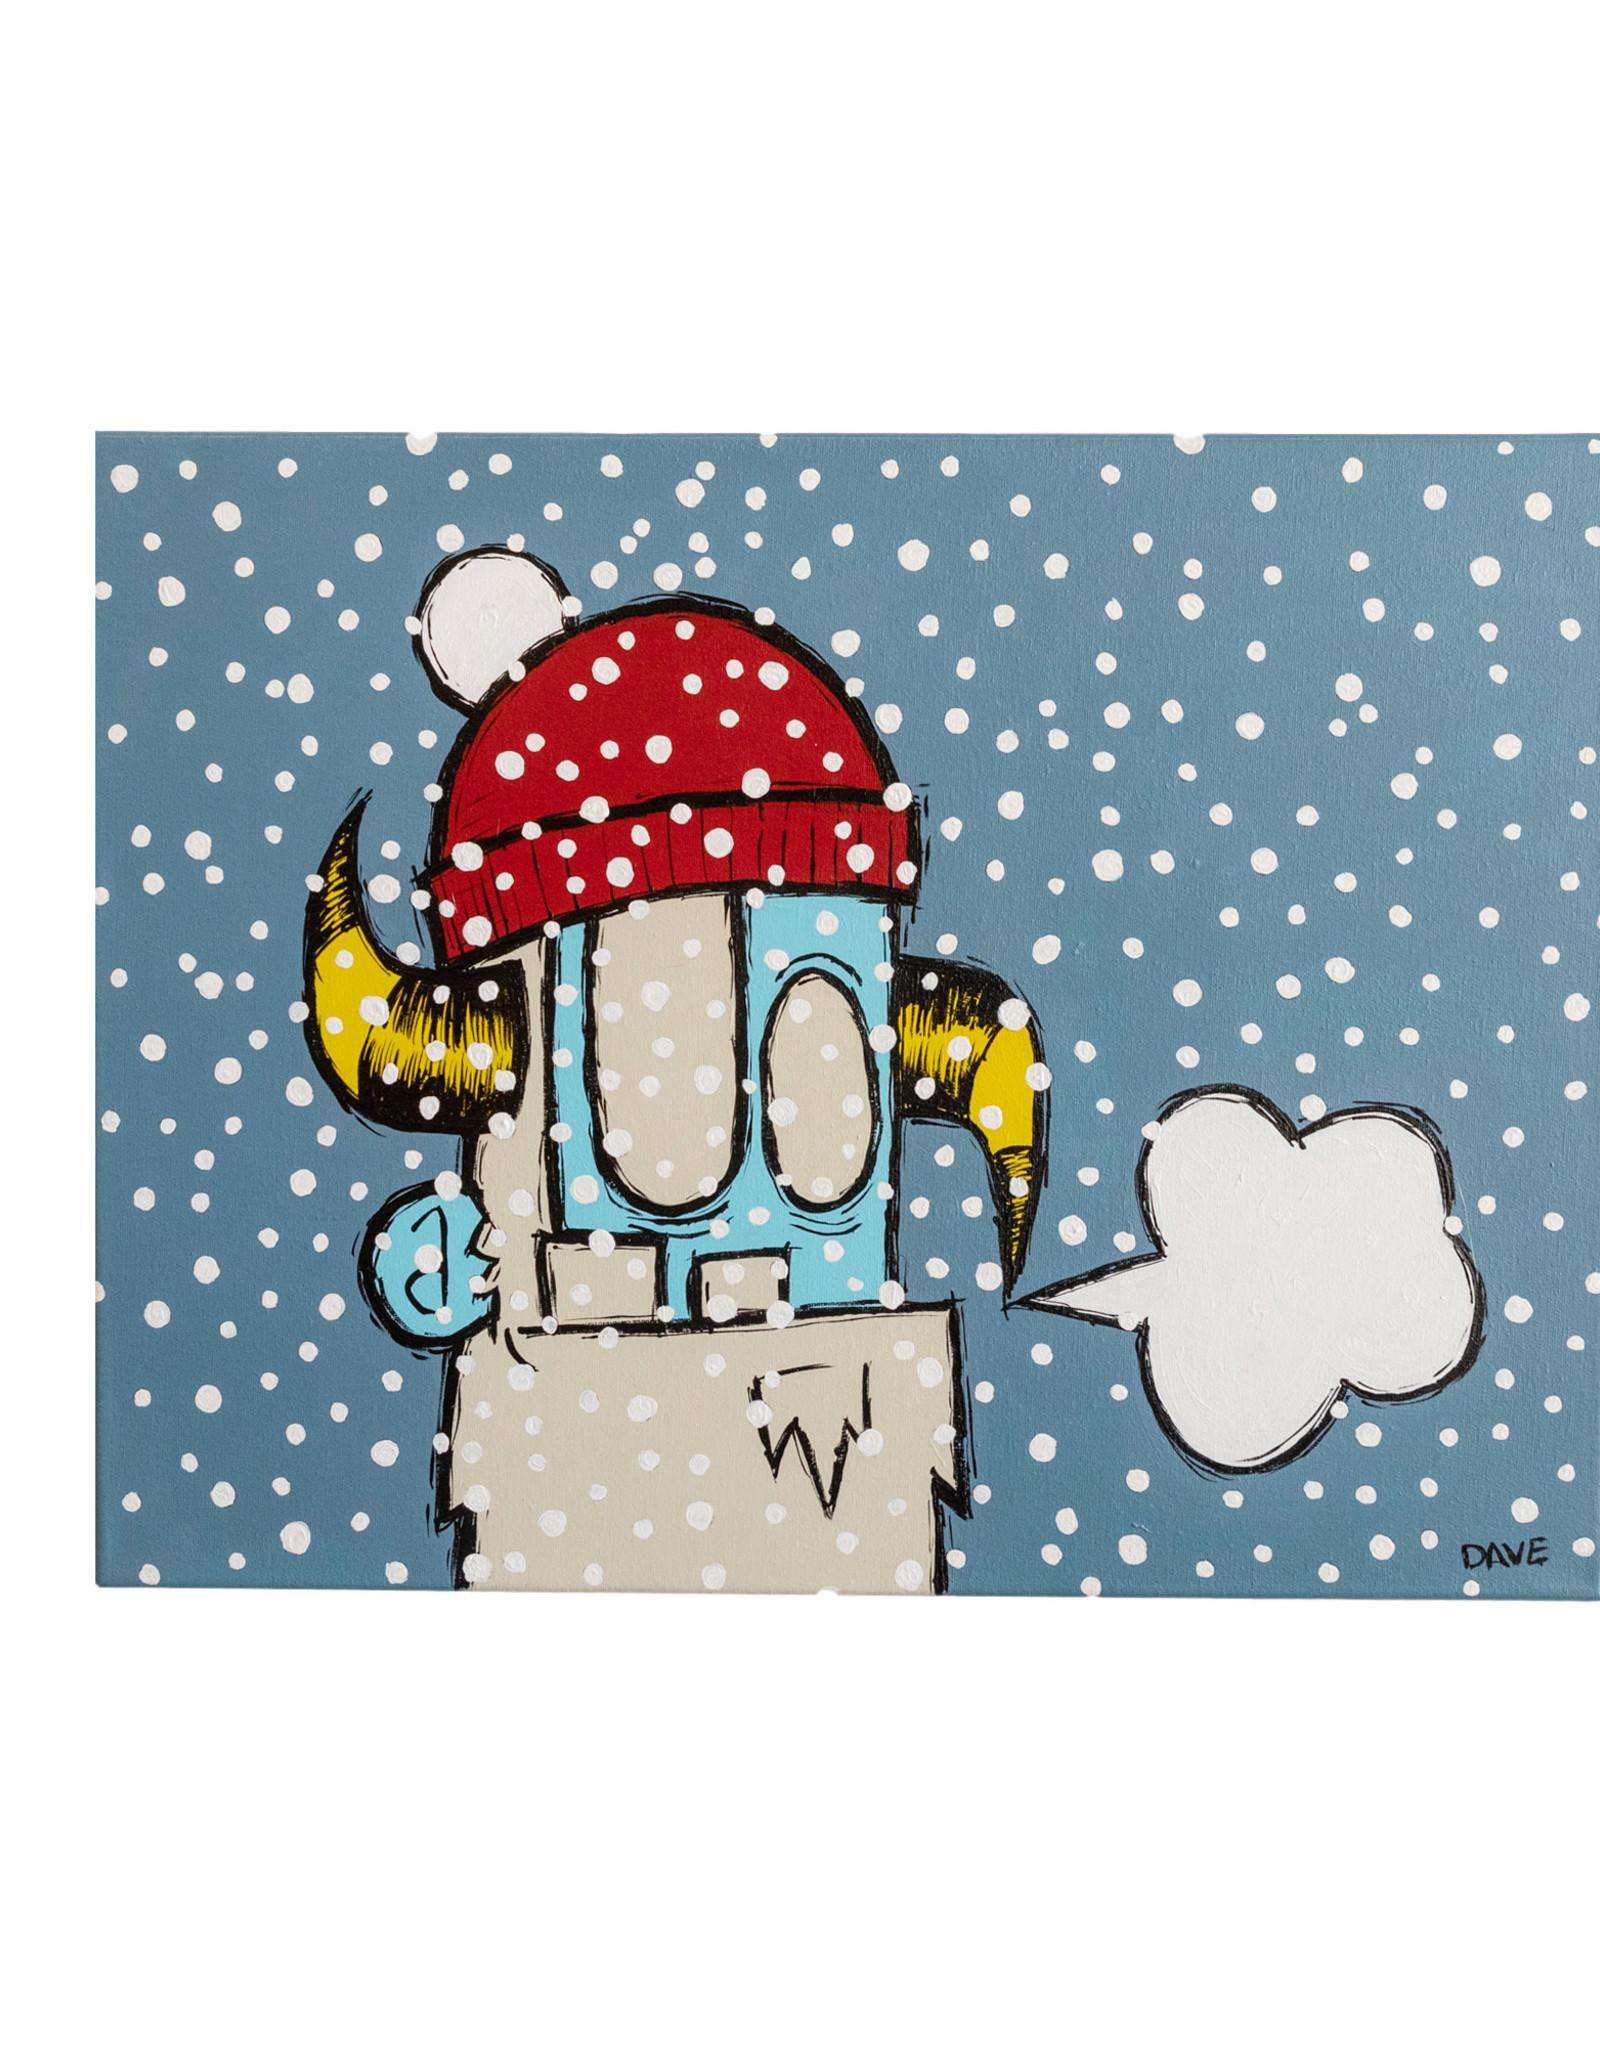 Dave Palmer Dave Palmer Original Artwork Snow Storm 18x24